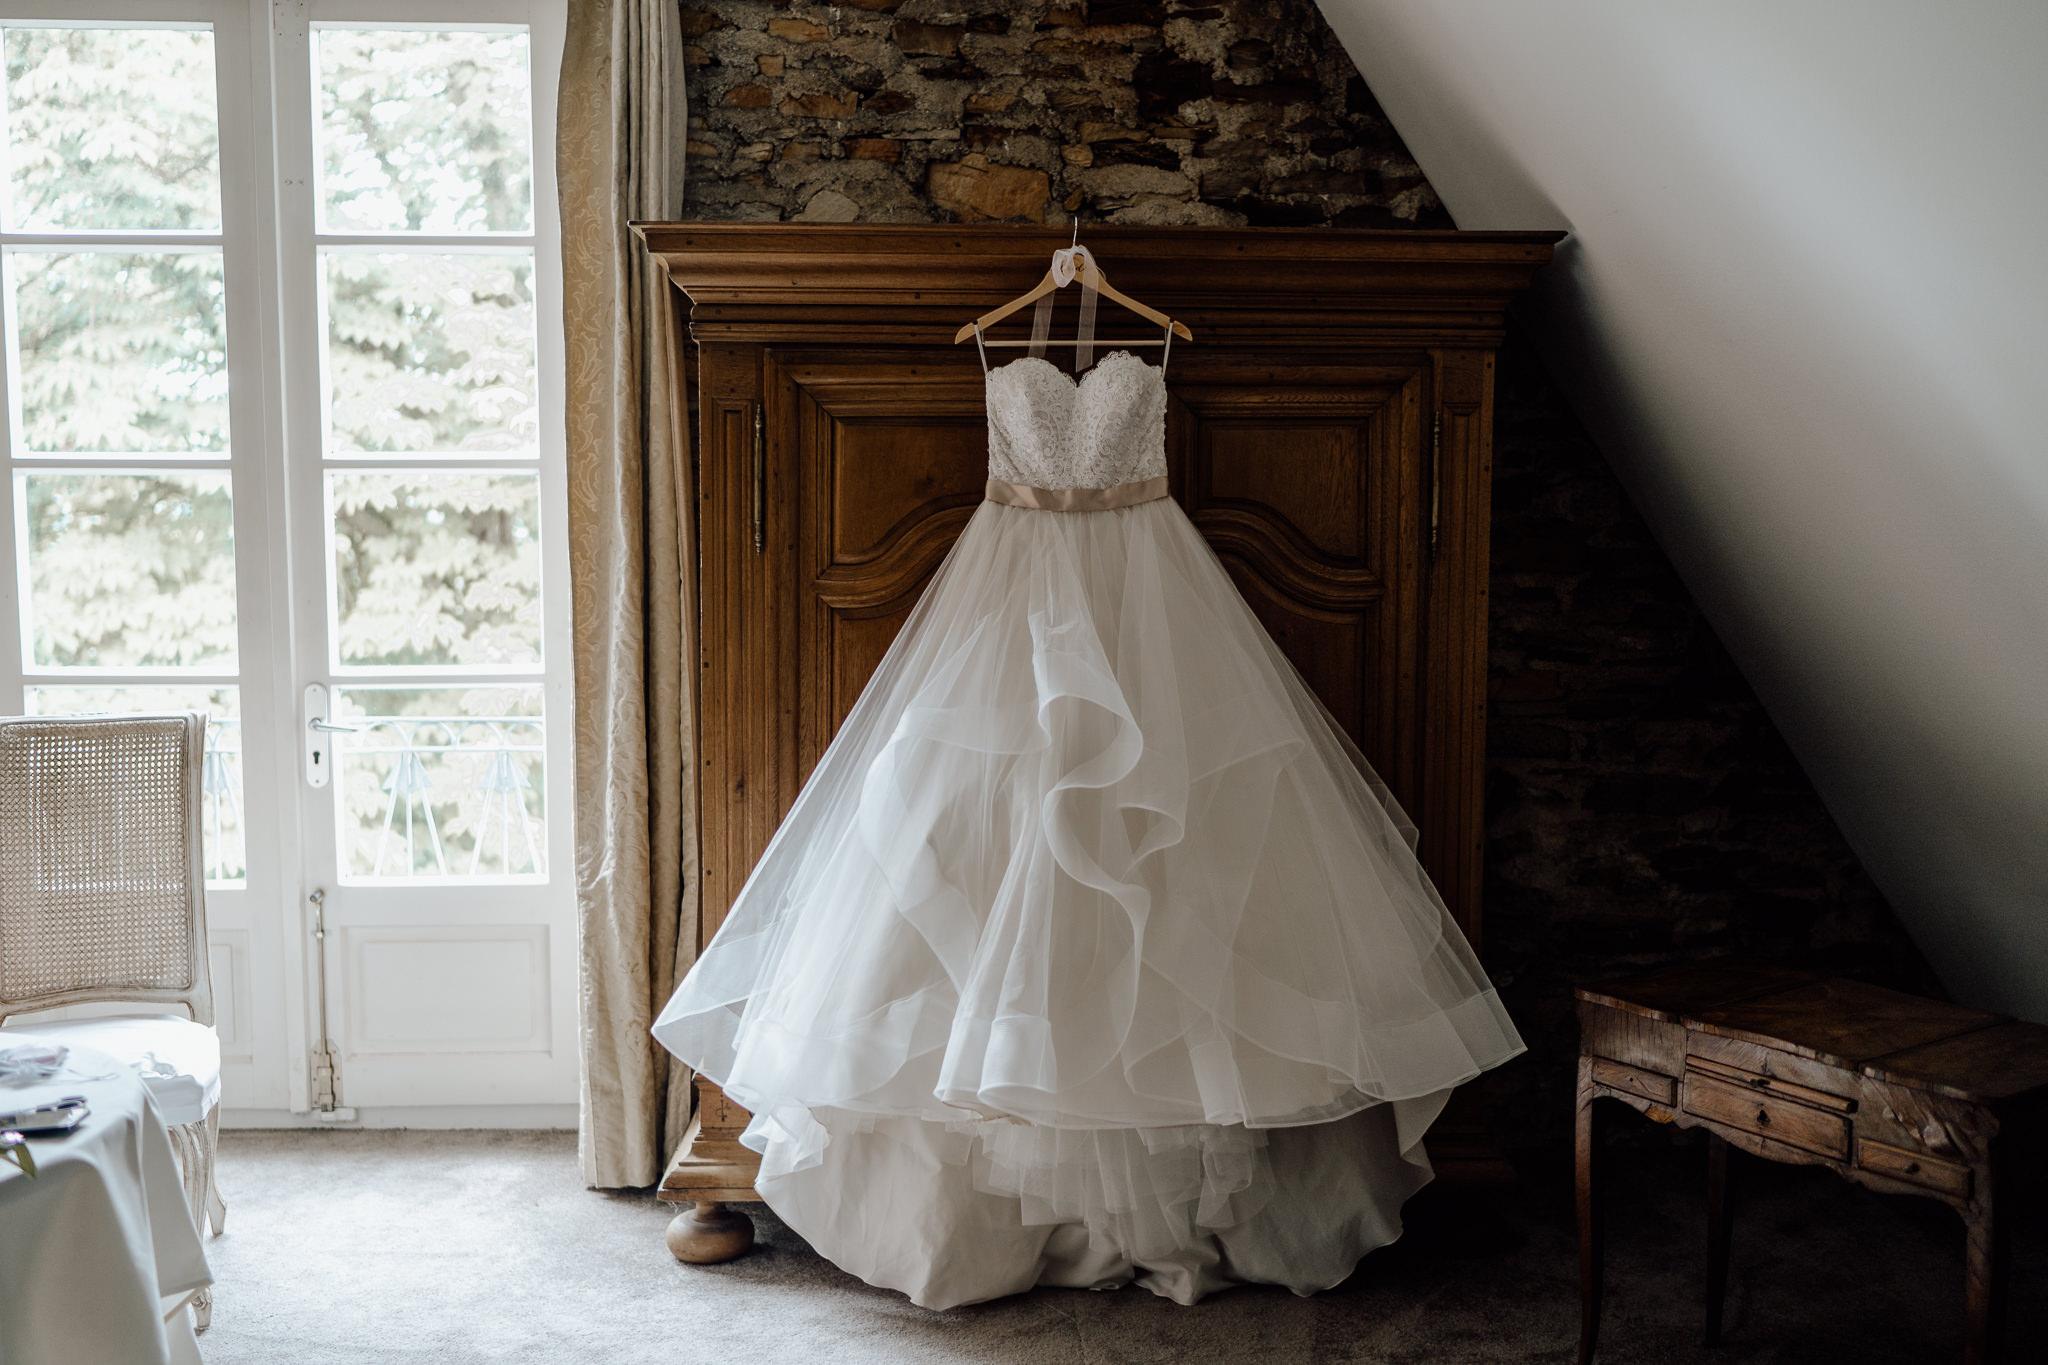 Kloster-Besselich-Hochzeit-Brigitte-Foysi-2